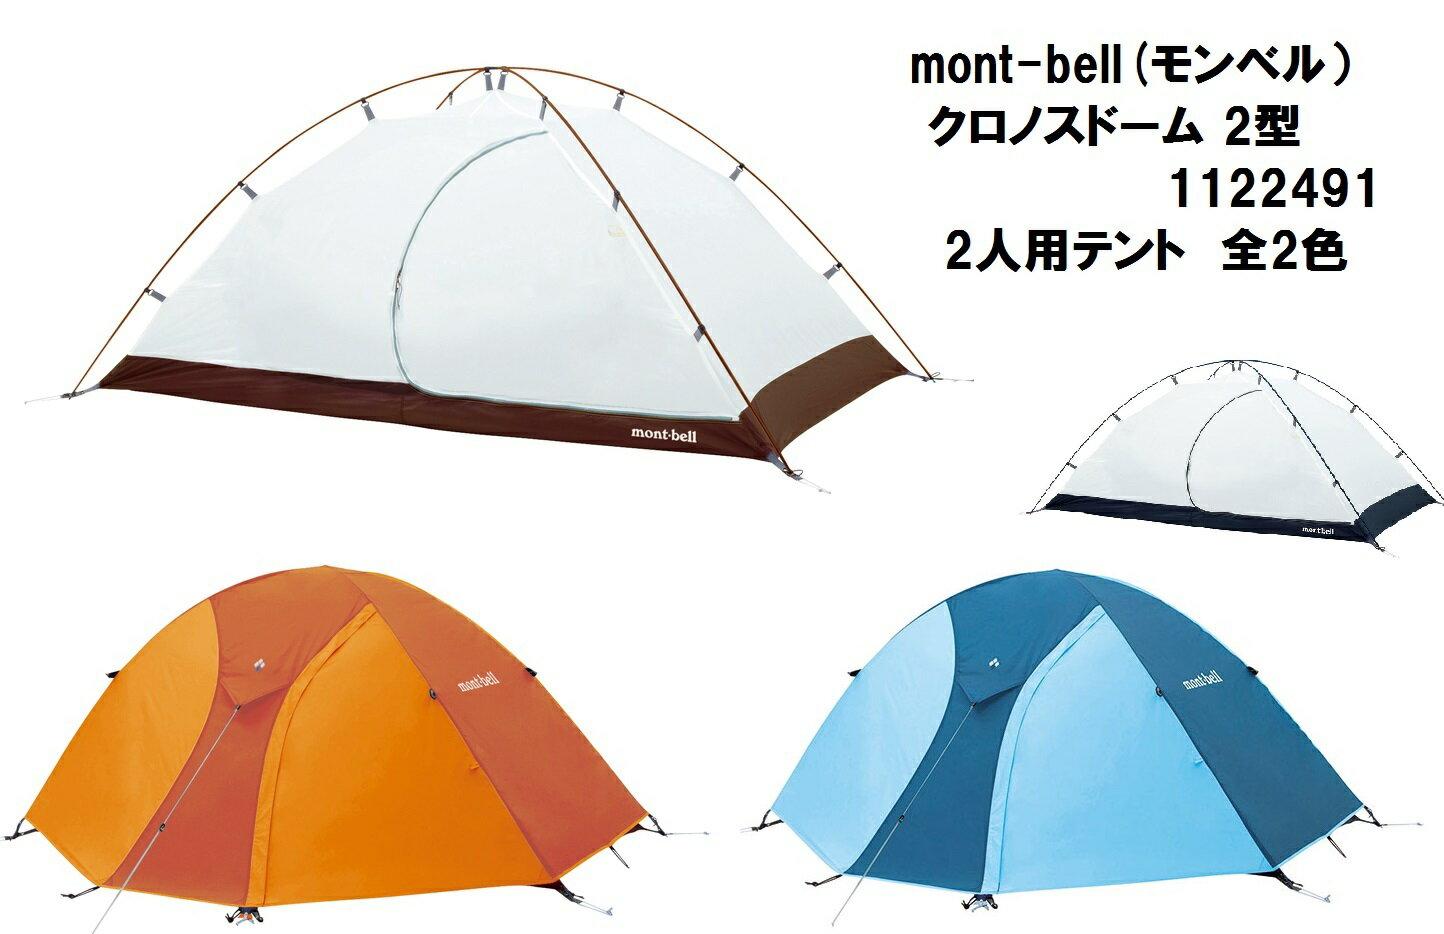 納期未定【送料無料】【モンベル】 mont-bell クロノスドーム 2型 1122491 2人用テント 全2色 【特許取得の広い居住空間を可能にした3シーズン対応のテント】